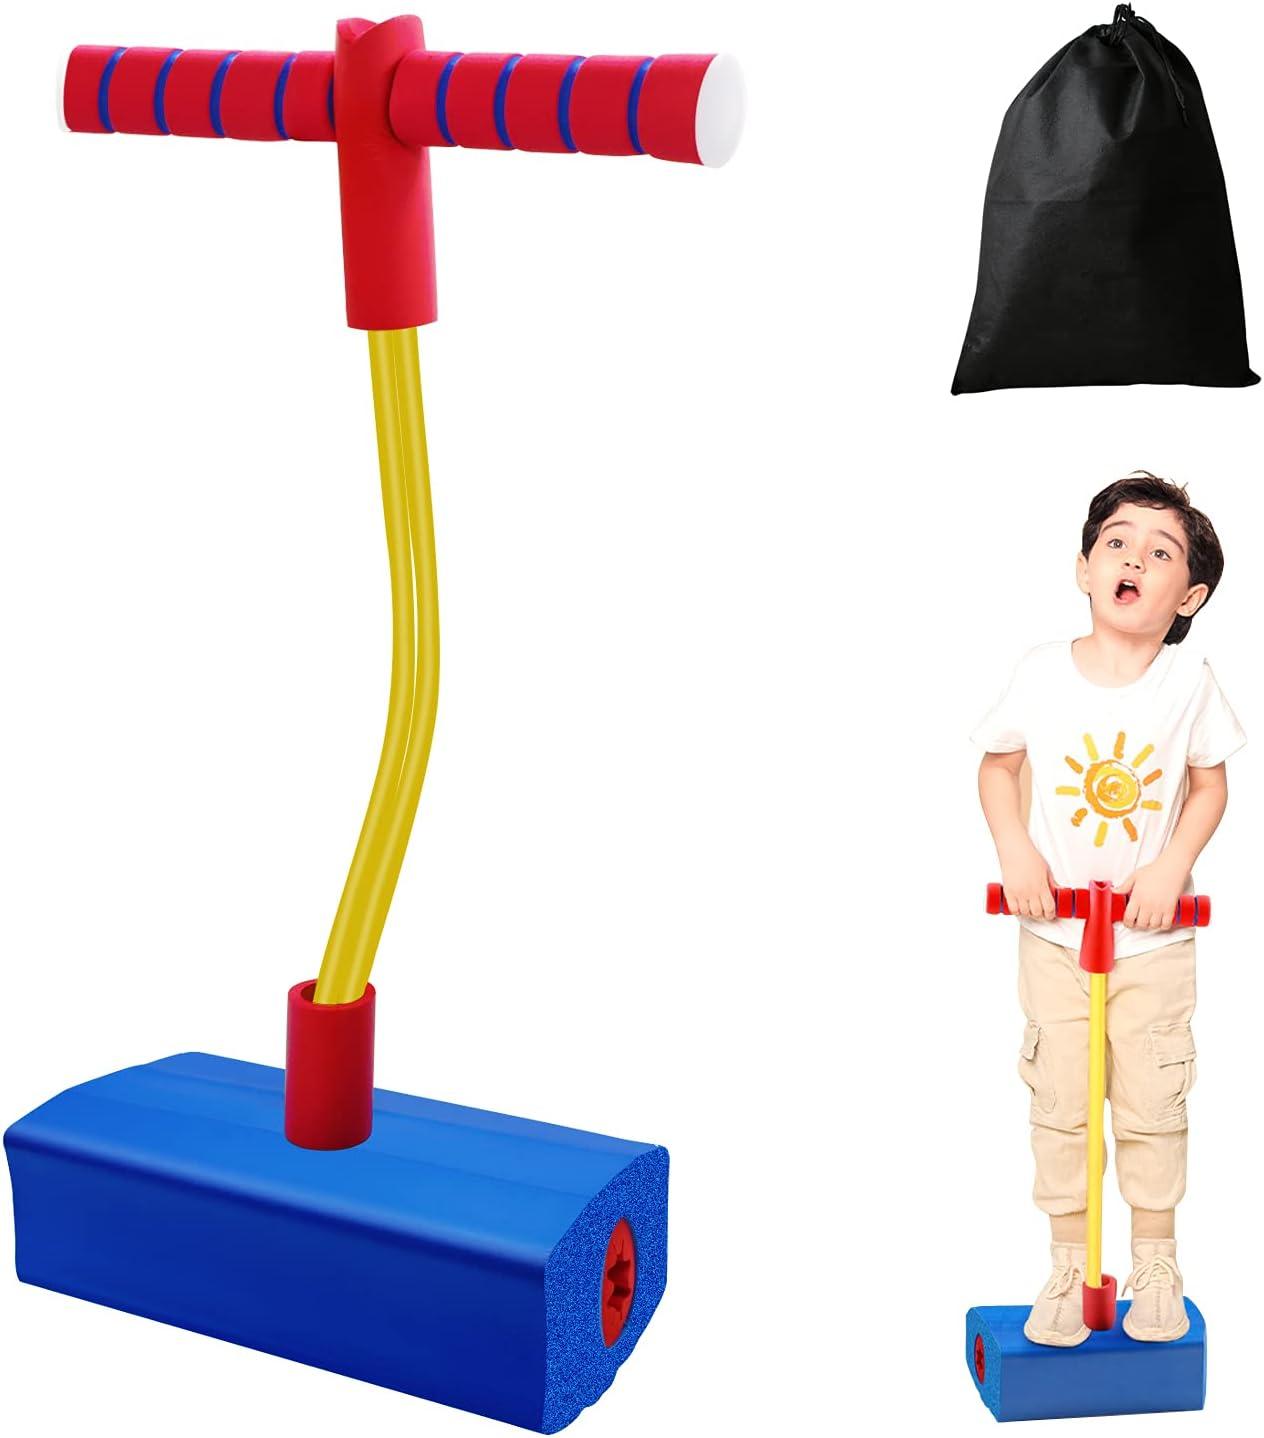 Foam Pogo Jumper,Pogo Jumper de Espuma,Jumper de Espuma Pogo Stick,Pogo Stick para Niños,Saltador de Pogo de Espuma para Niños/Niñas Saltar Saltar Juguete